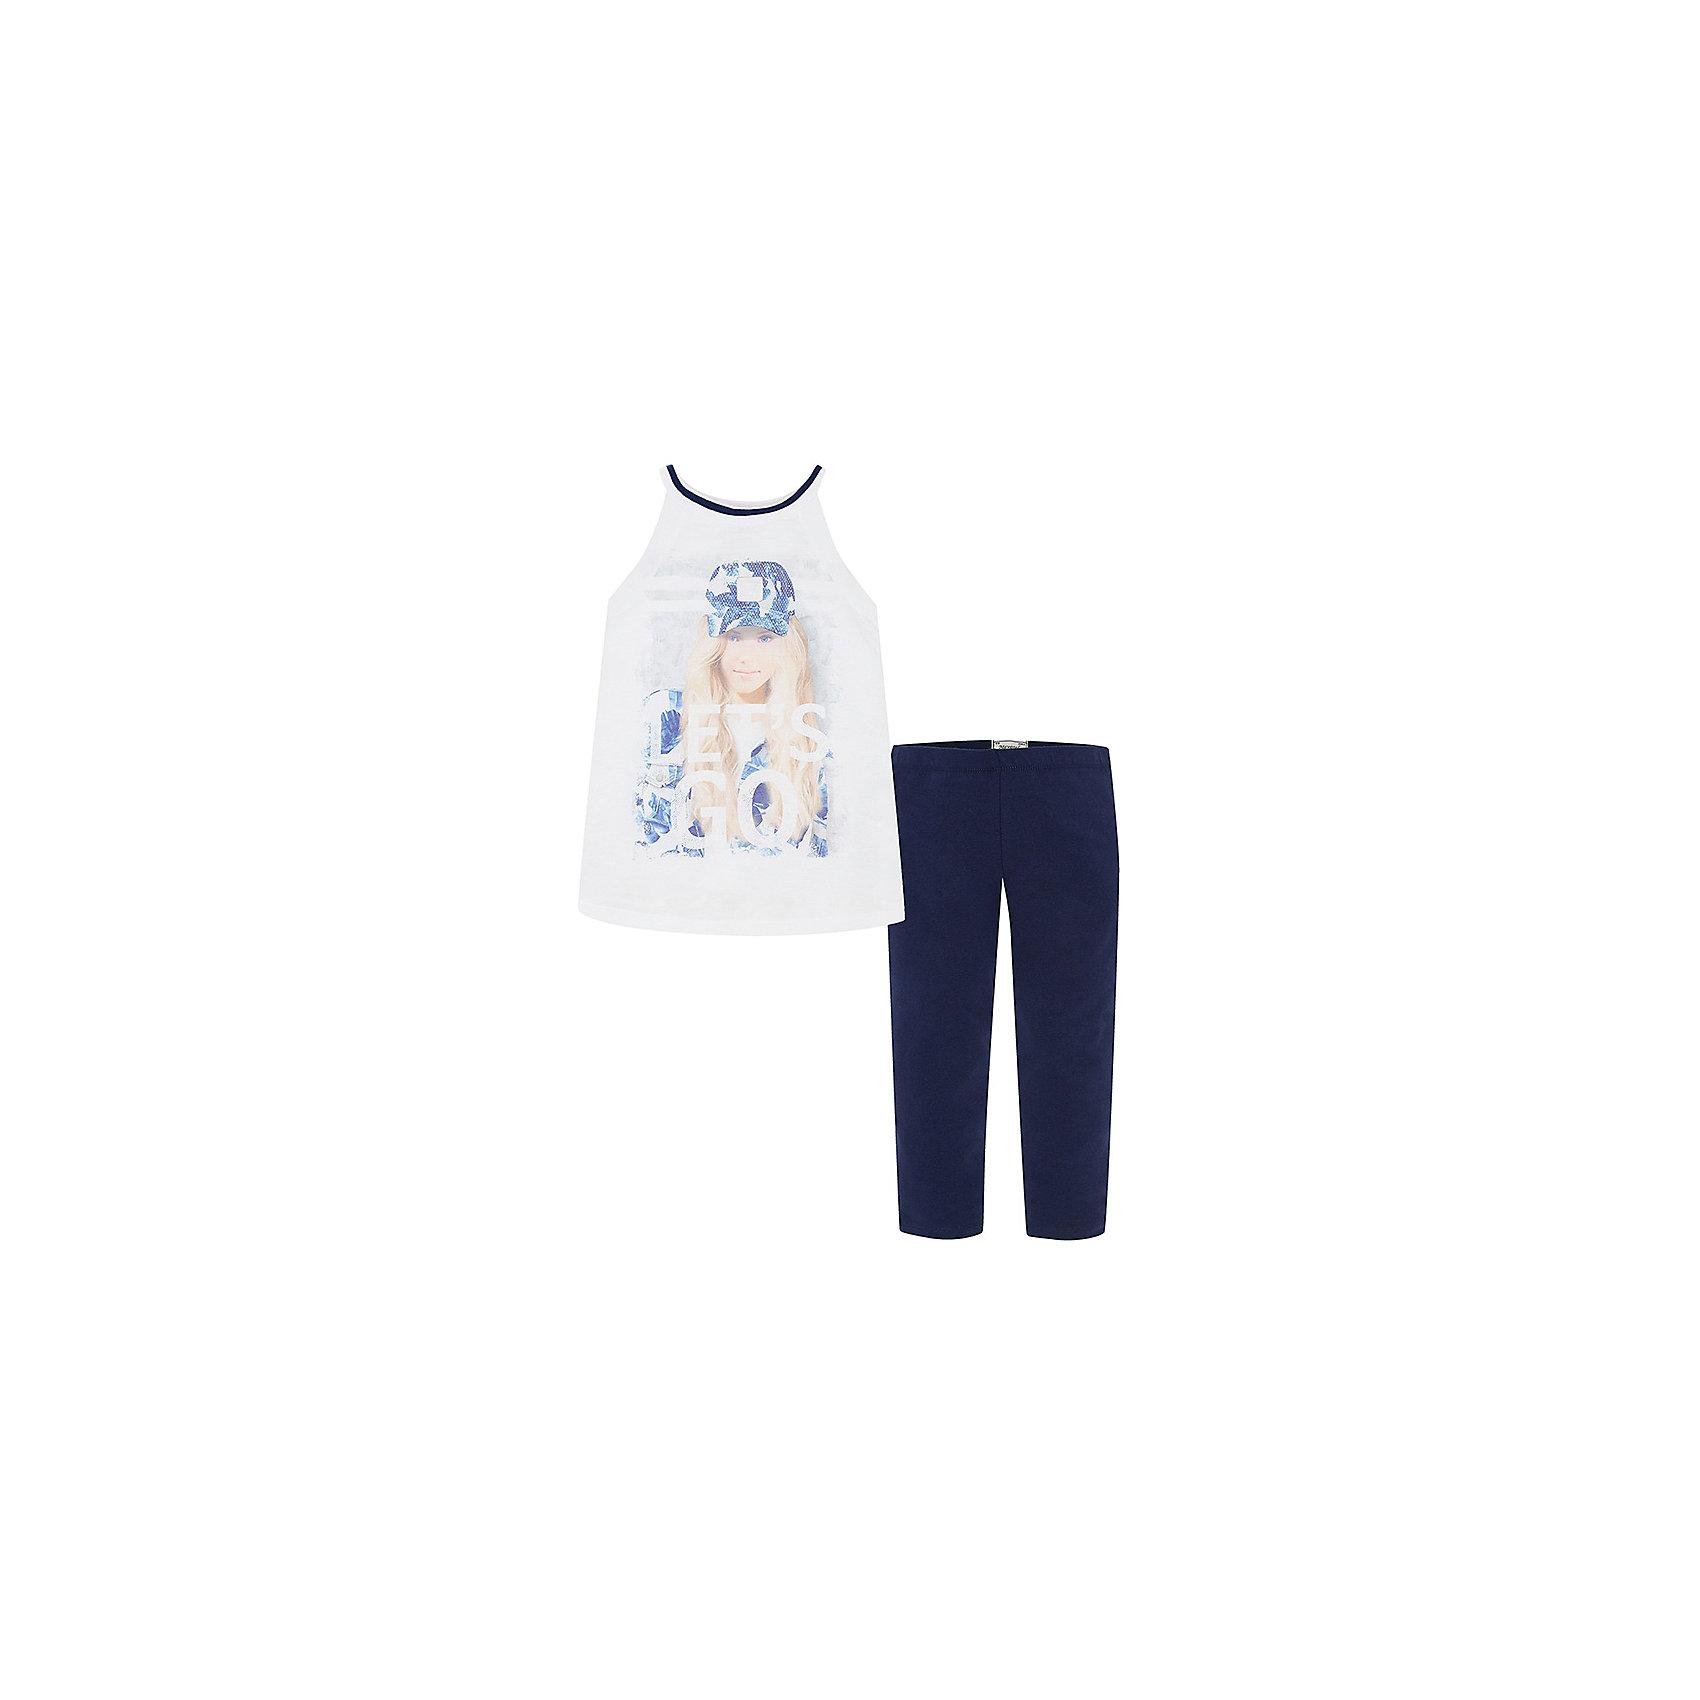 Комплект для девочки: леггинсы и майка MayoralКомплекты<br>Комплект: леггинсы и футболка для девочки от испанской марки Mayoral приведет в восторг юных модниц и займет достойное место в летнем гардеробе. <br><br>Дополнительная информация:<br><br>- Футболка без рукавов.<br>- Контрастная отделка горловины.<br>- Актуальный печатный принт.<br>- Леггинсы на эластичном поясе с резинкой.<br>- Отлично смотрятся на фигуре.<br>- Состав: 100% полиэстер.<br><br>Комплект: леггинсы и футболку для девочки Mayoral (Майорал) можно купить в нашем магазине.<br><br>Ширина мм: 123<br>Глубина мм: 10<br>Высота мм: 149<br>Вес г: 209<br>Цвет: синий<br>Возраст от месяцев: 84<br>Возраст до месяцев: 96<br>Пол: Женский<br>Возраст: Детский<br>Размер: 128,164,158,152,140,170<br>SKU: 4543504